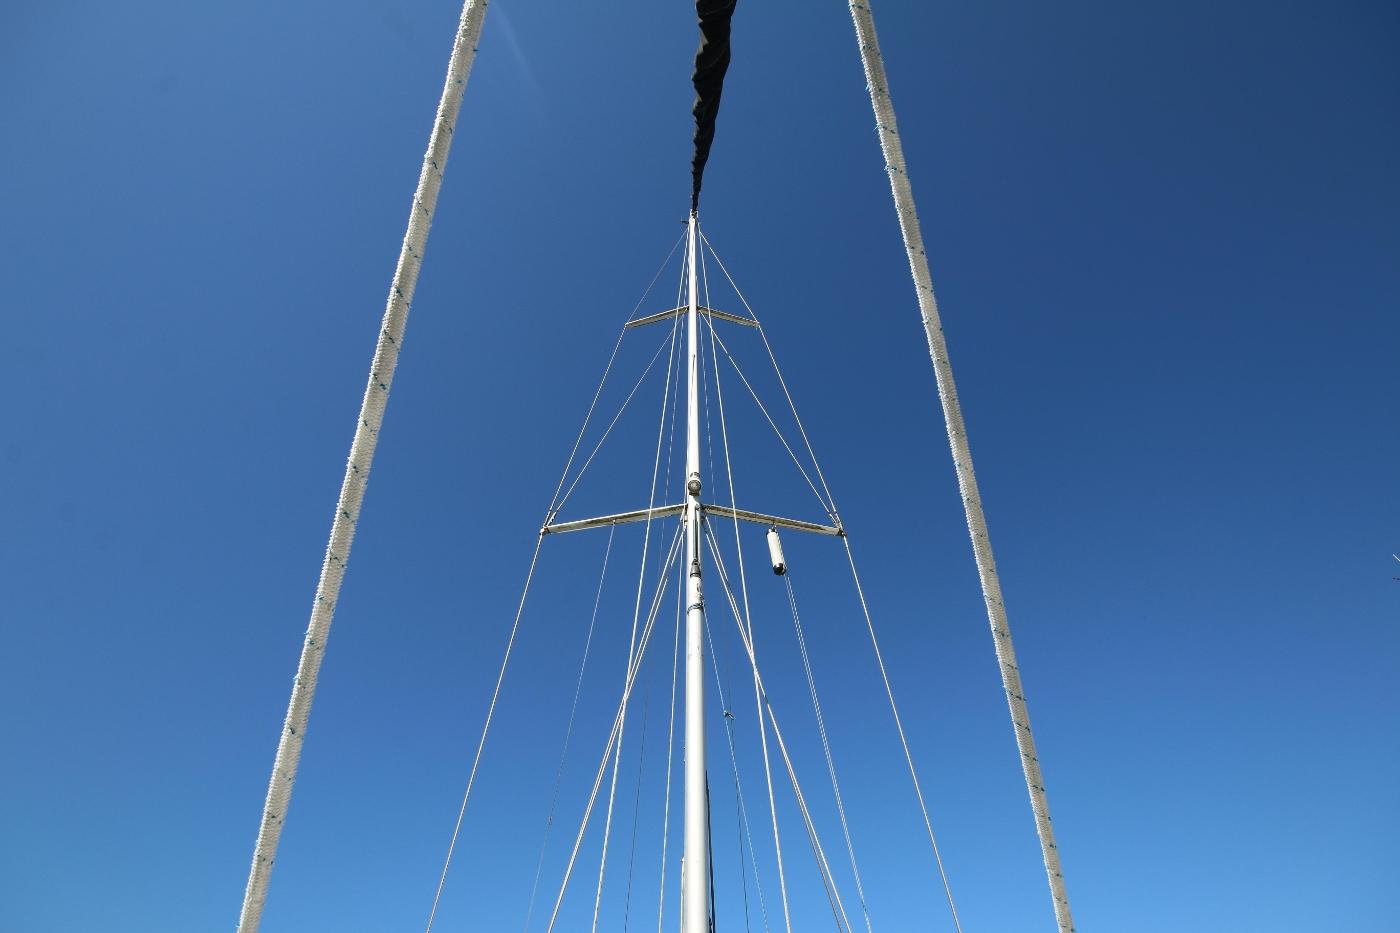 1991 Beneteau Oceanis 440,